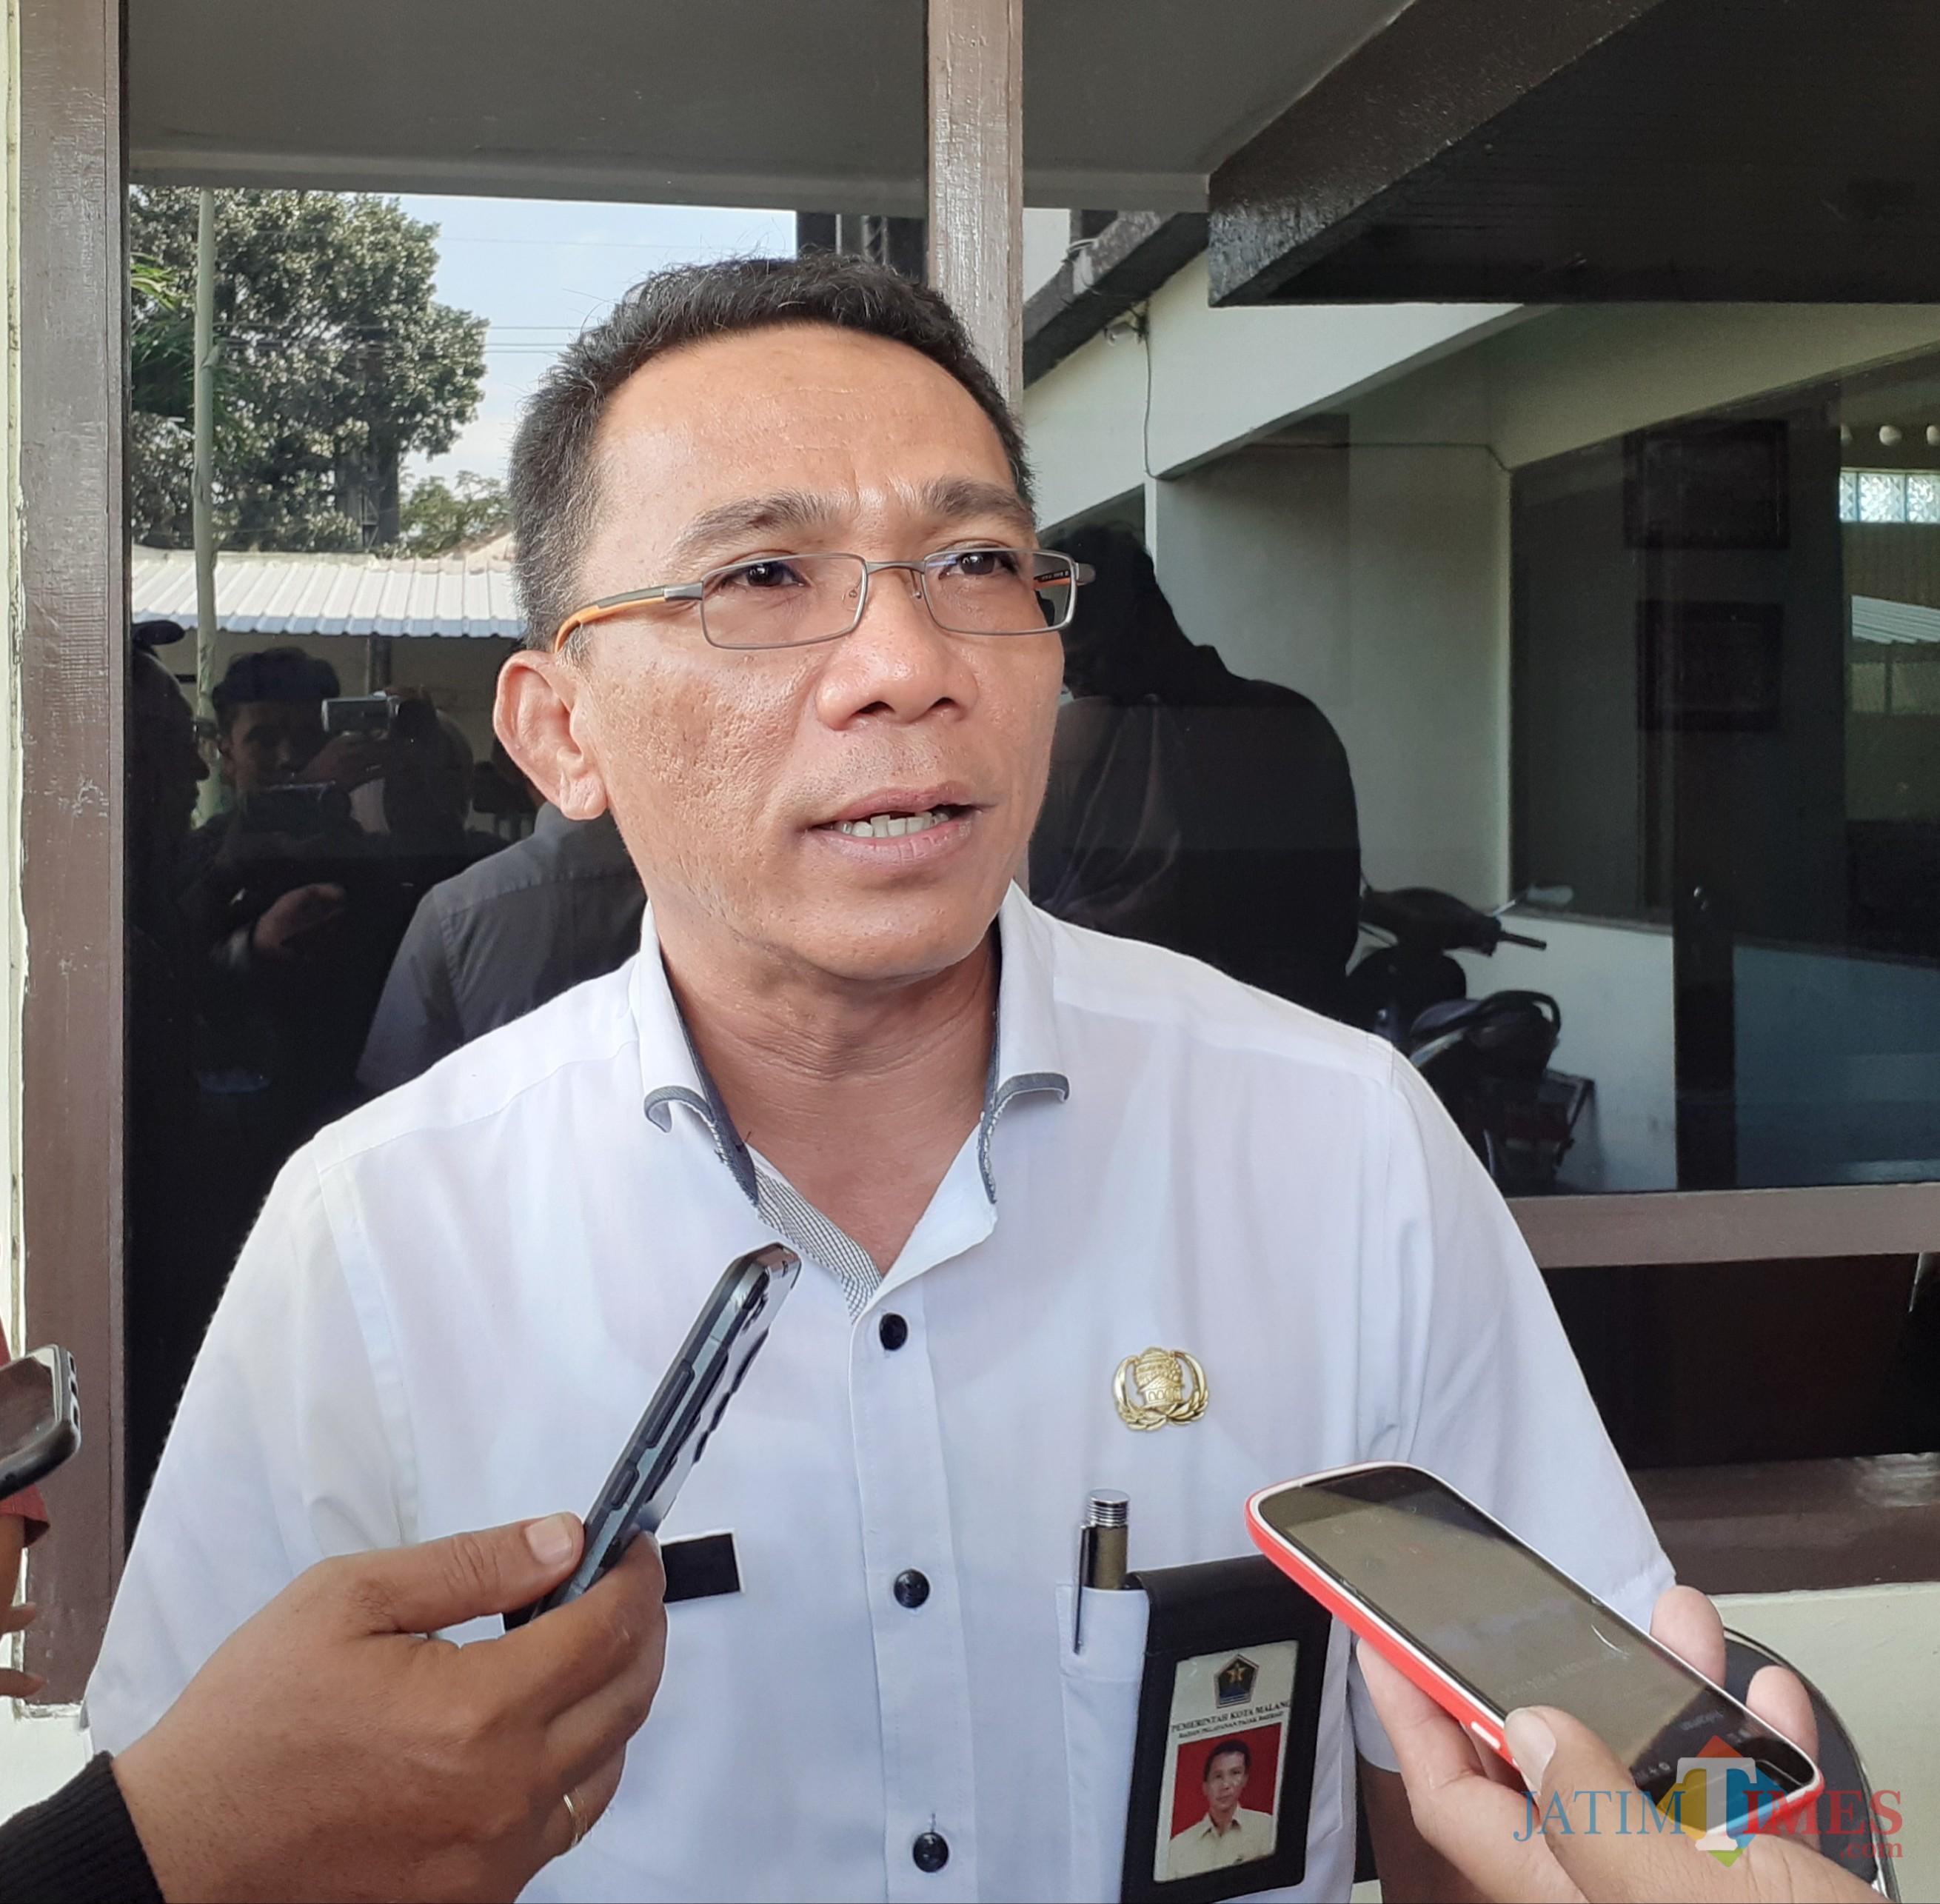 Plt Direktur Utama PD RPH Kota Malang Ade Herawanto (Arifina Cahyanti Firdausi/MalangTIMES)